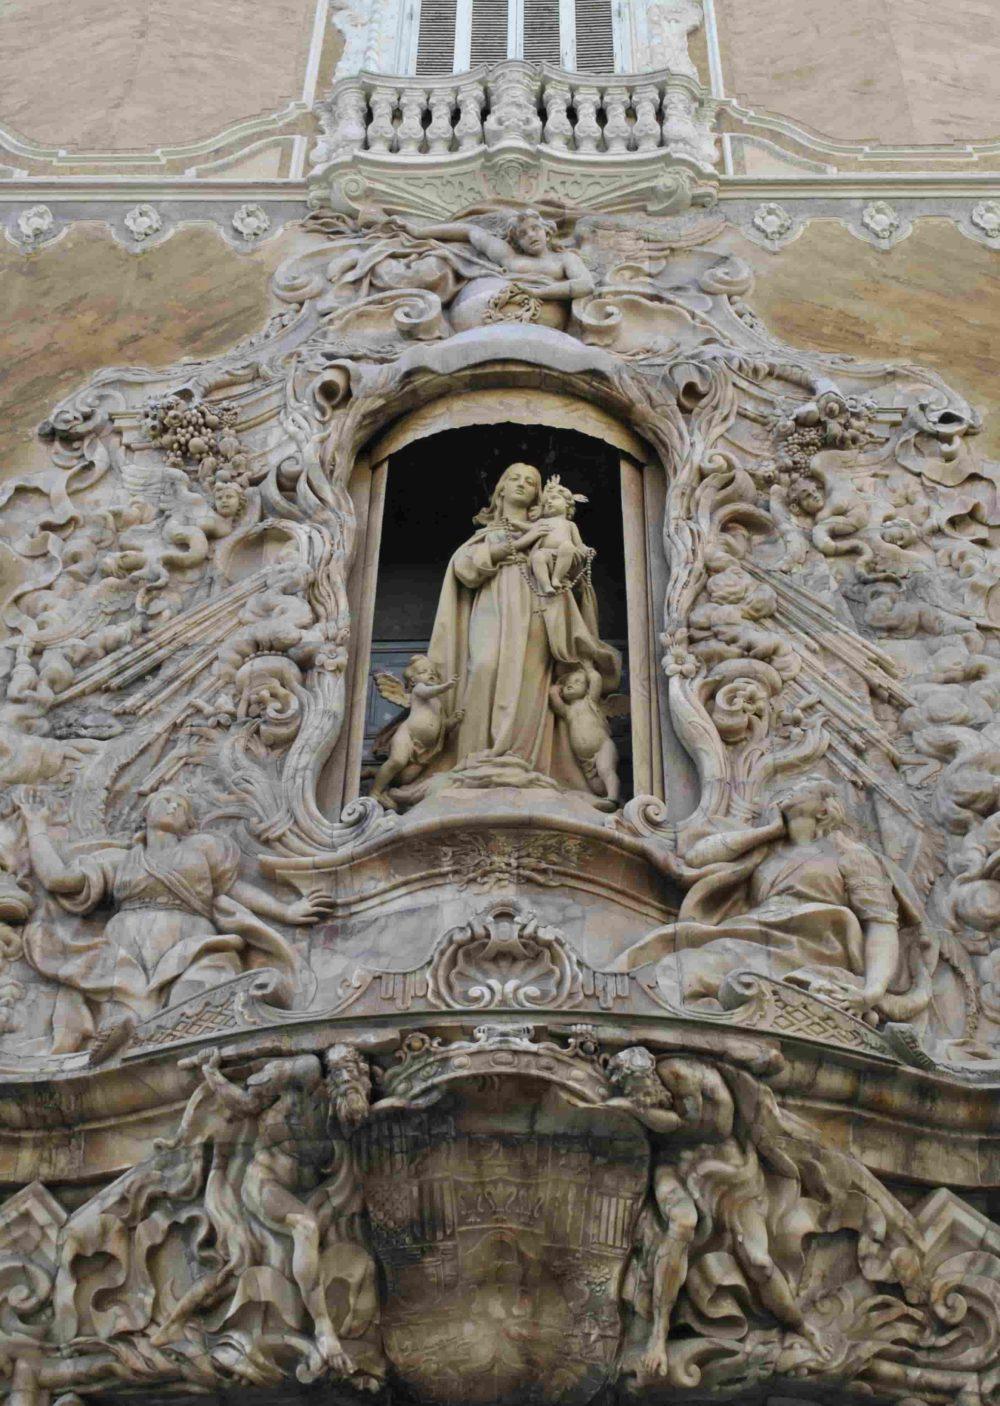 Las mejores visitas de Valencia, los mejores tours por el centro histórico y por la Ciudad de las Artes y las Ciencias, los mejores guías turísticos y rutas